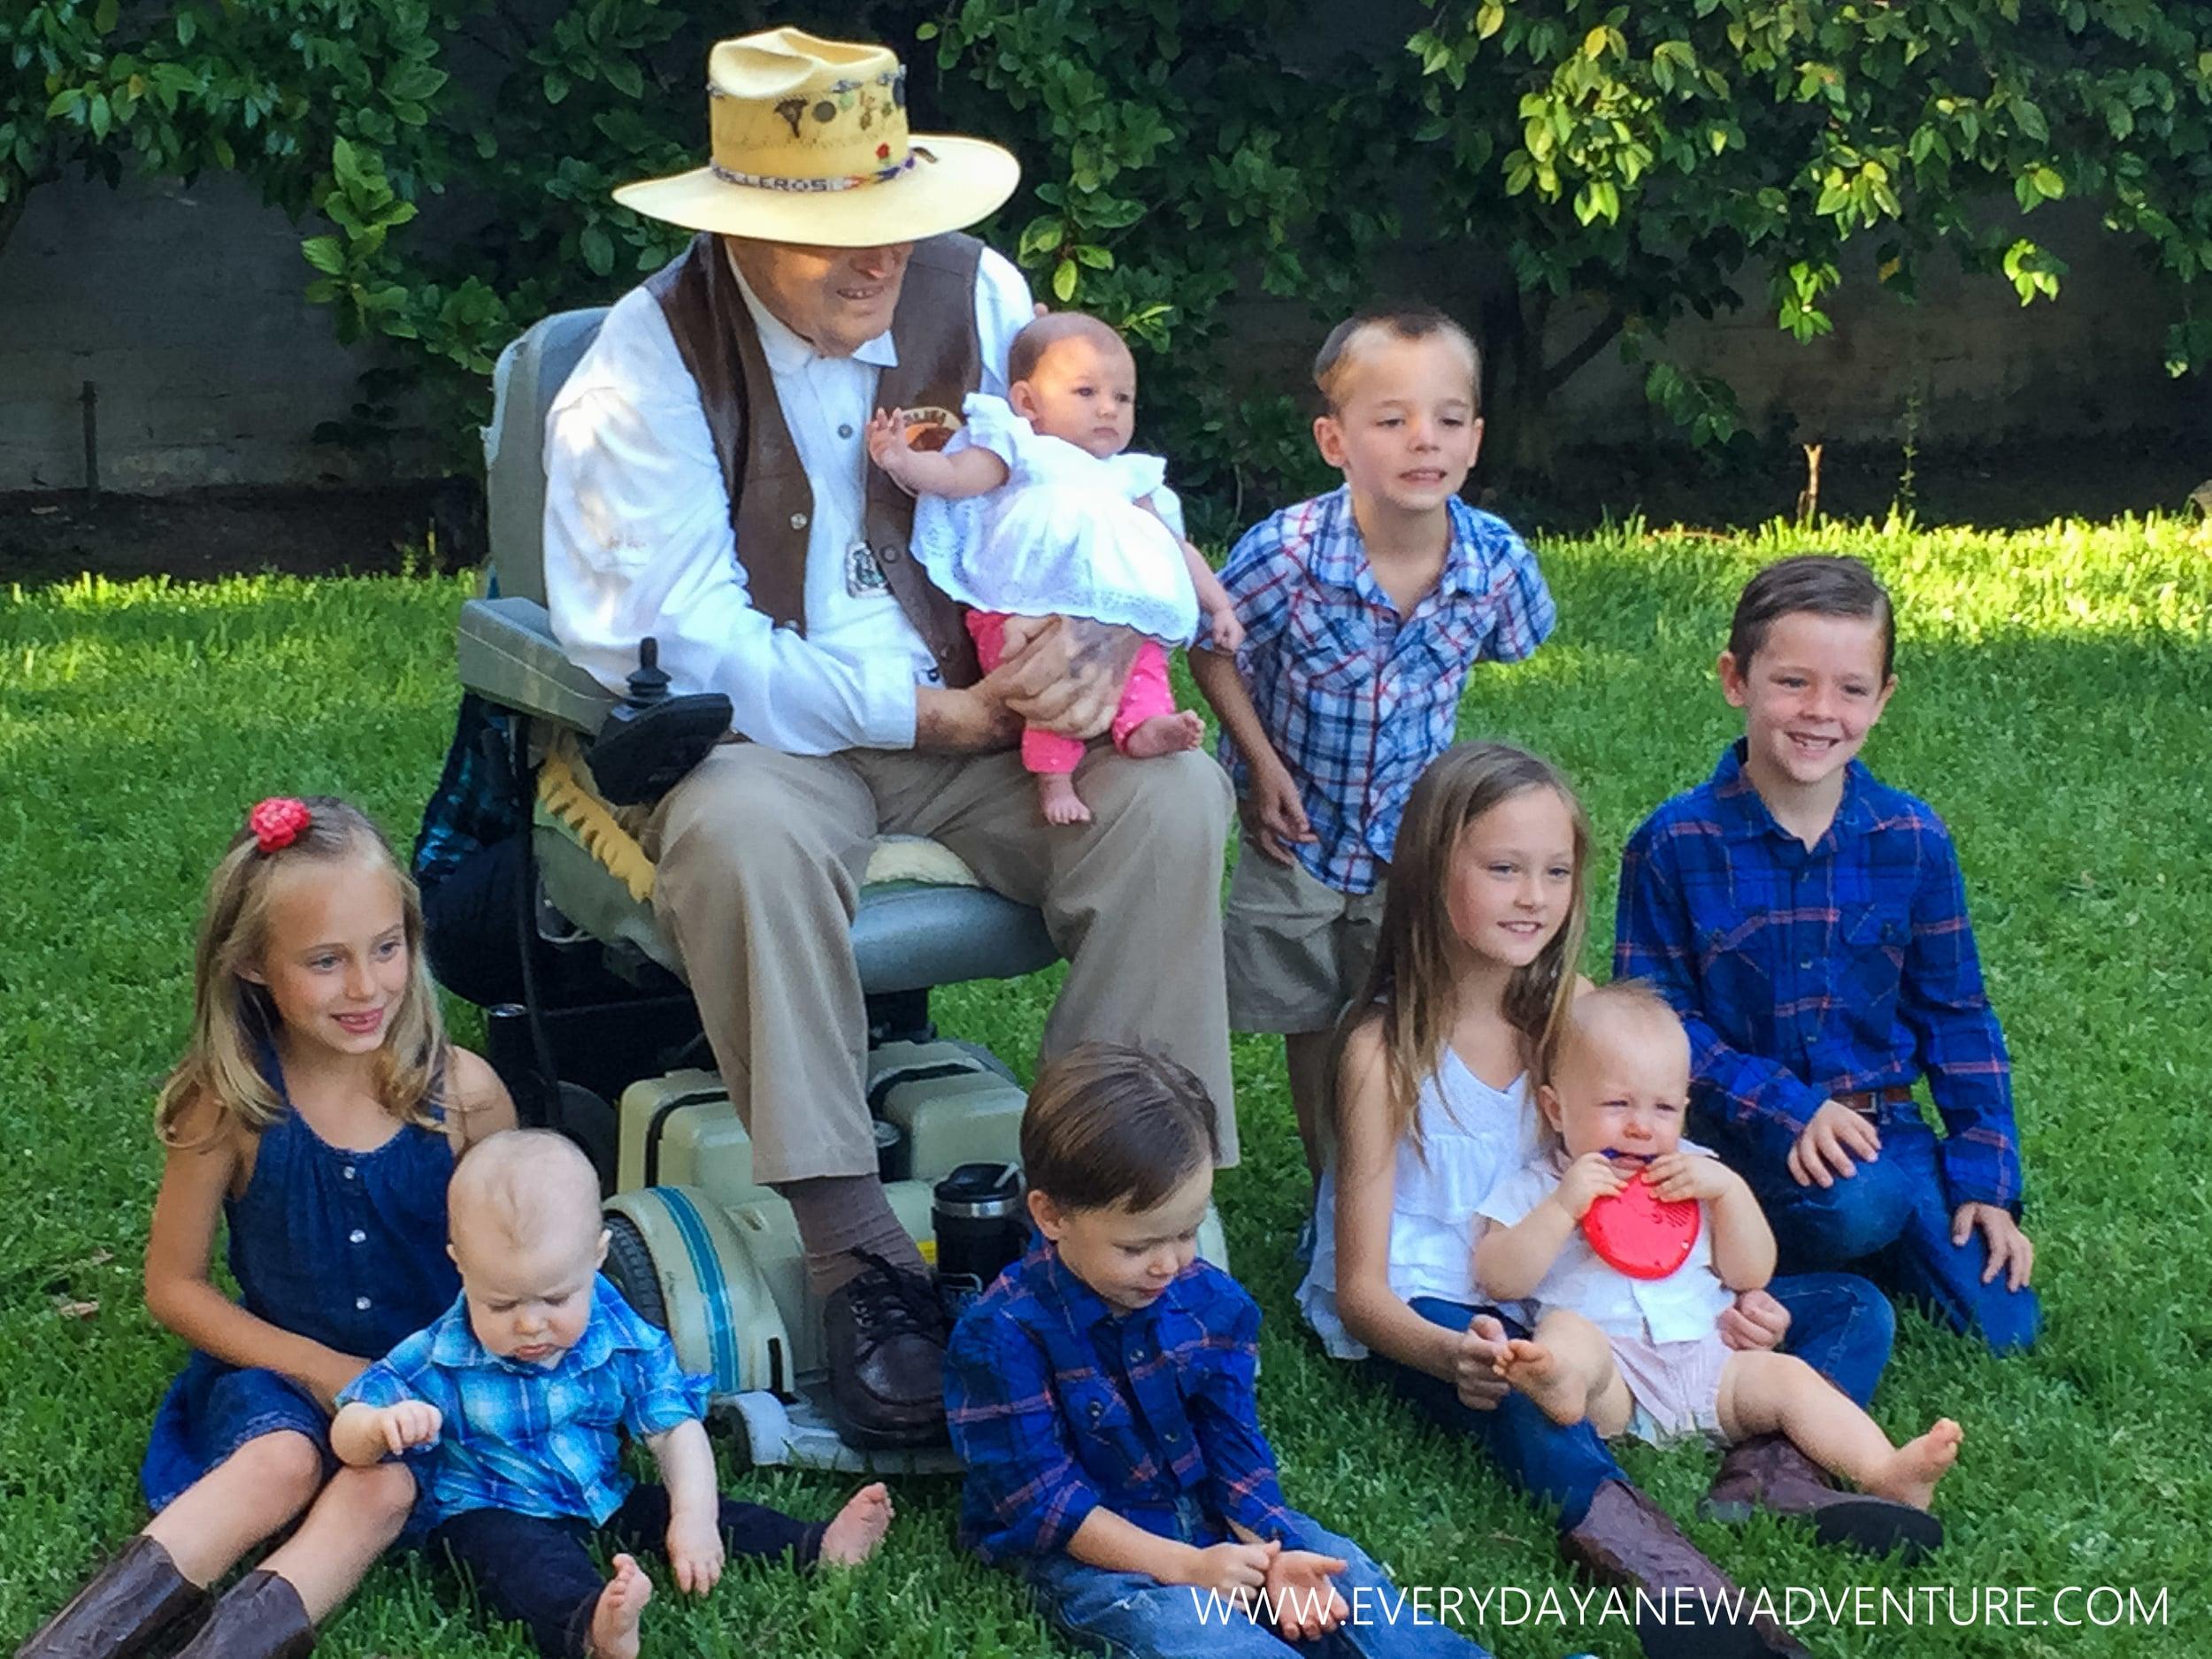 Gubba and his great-grandchildren!